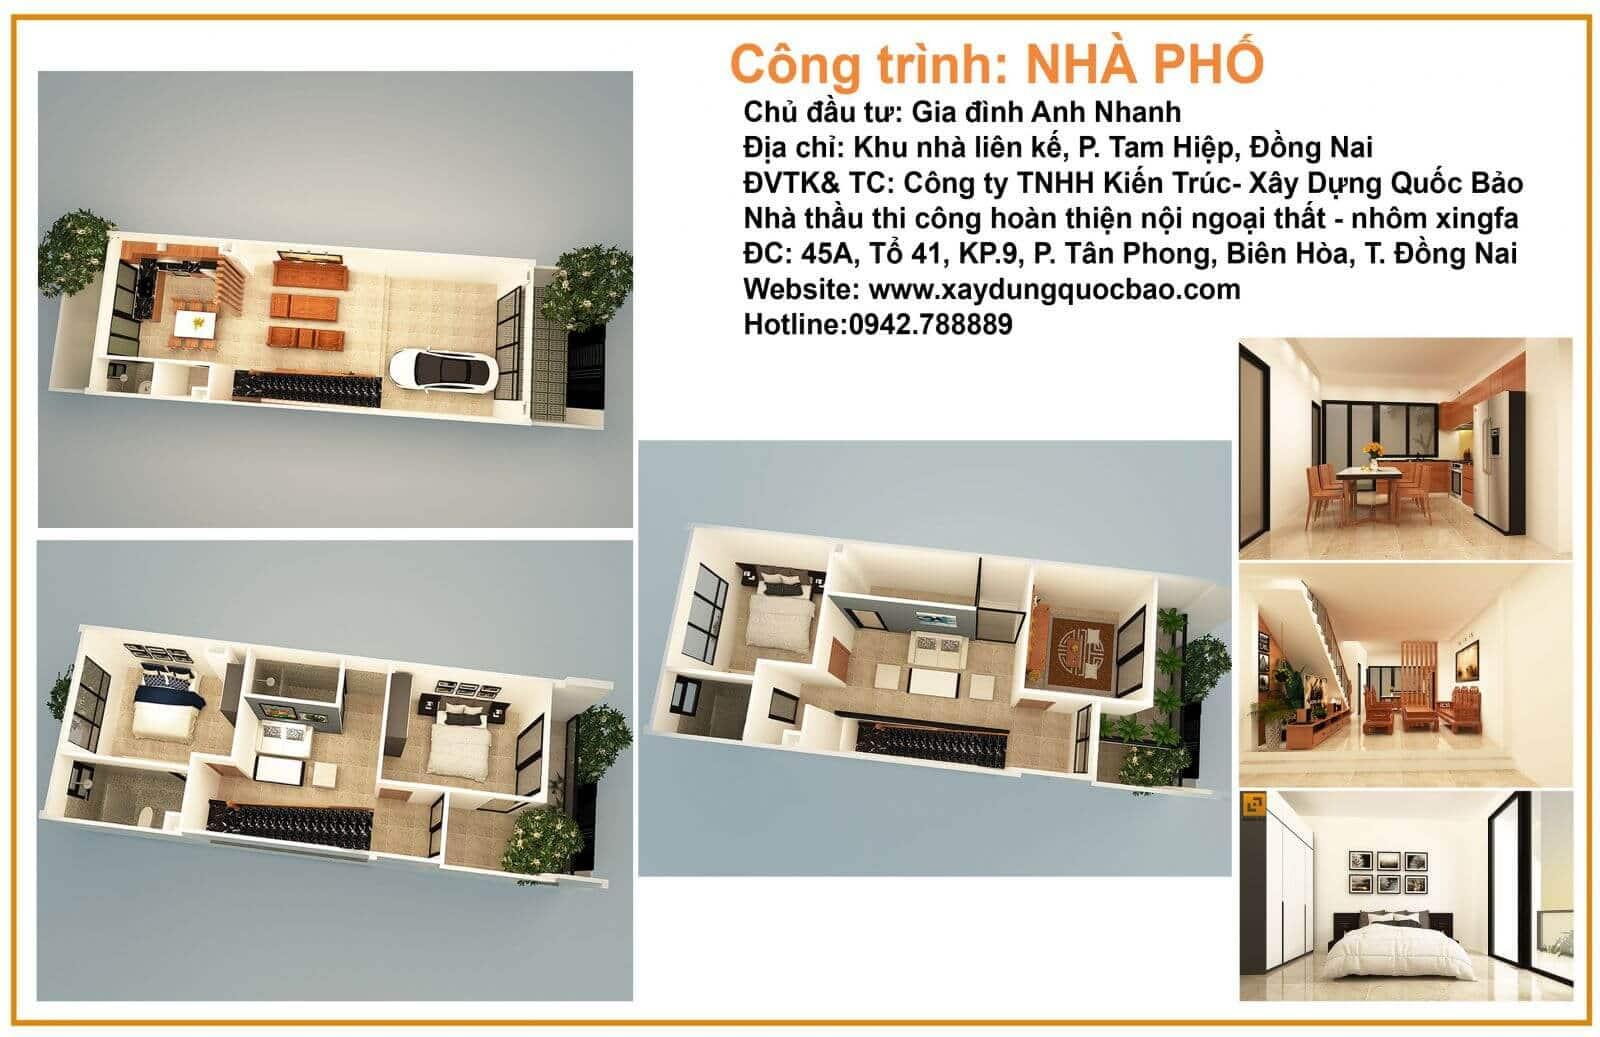 Mẫu nhà phố đẹp năm 2019 tại Biên Hòa Đồng Nai